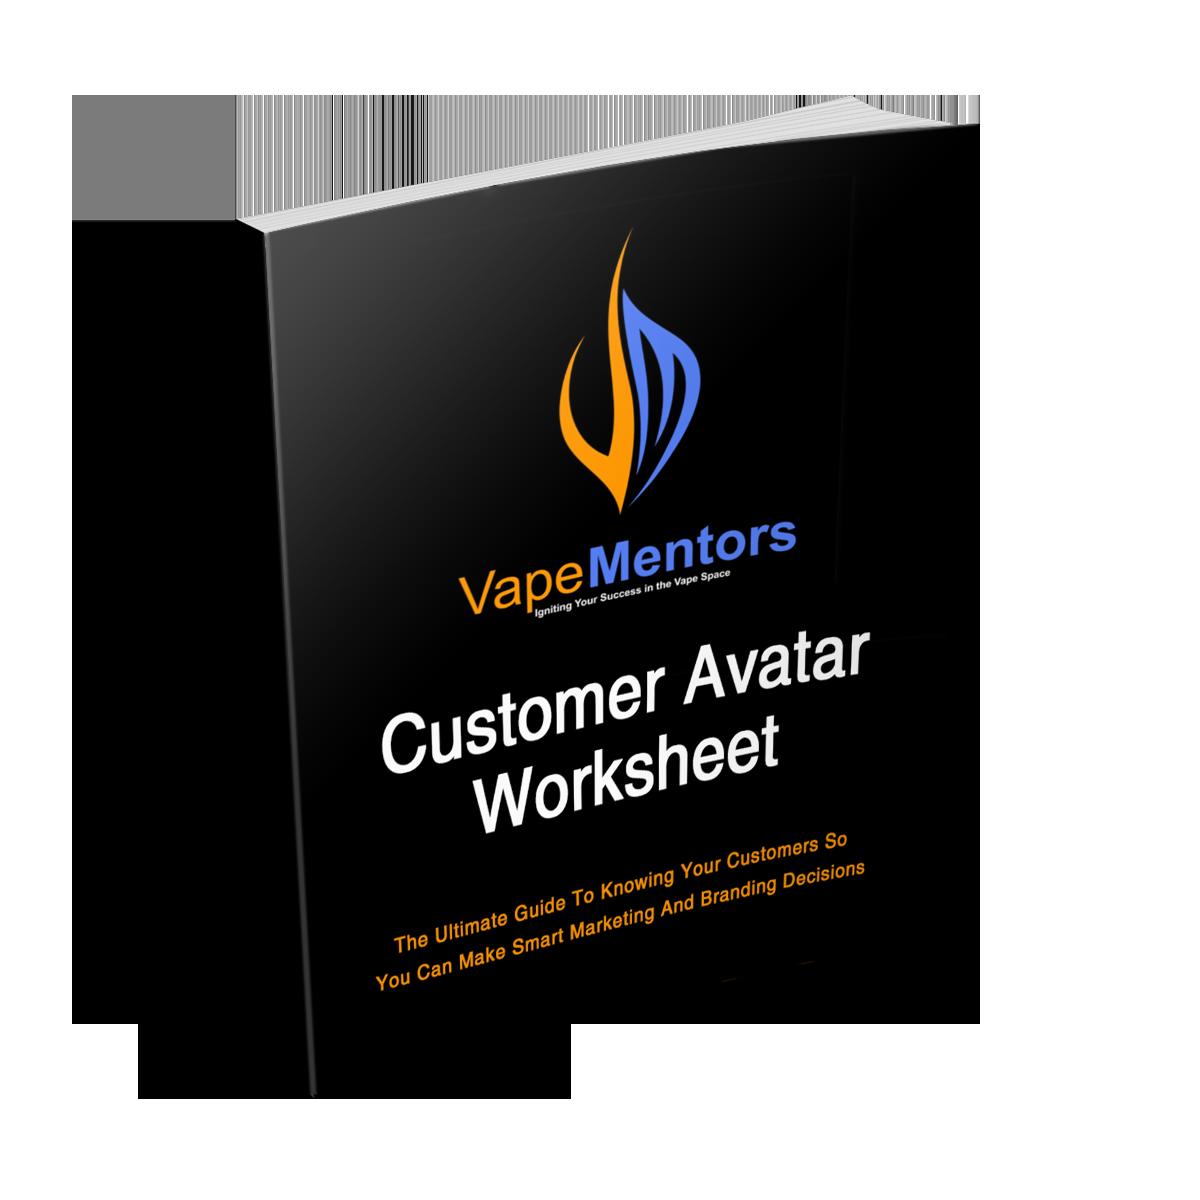 customer avatar for vape shops